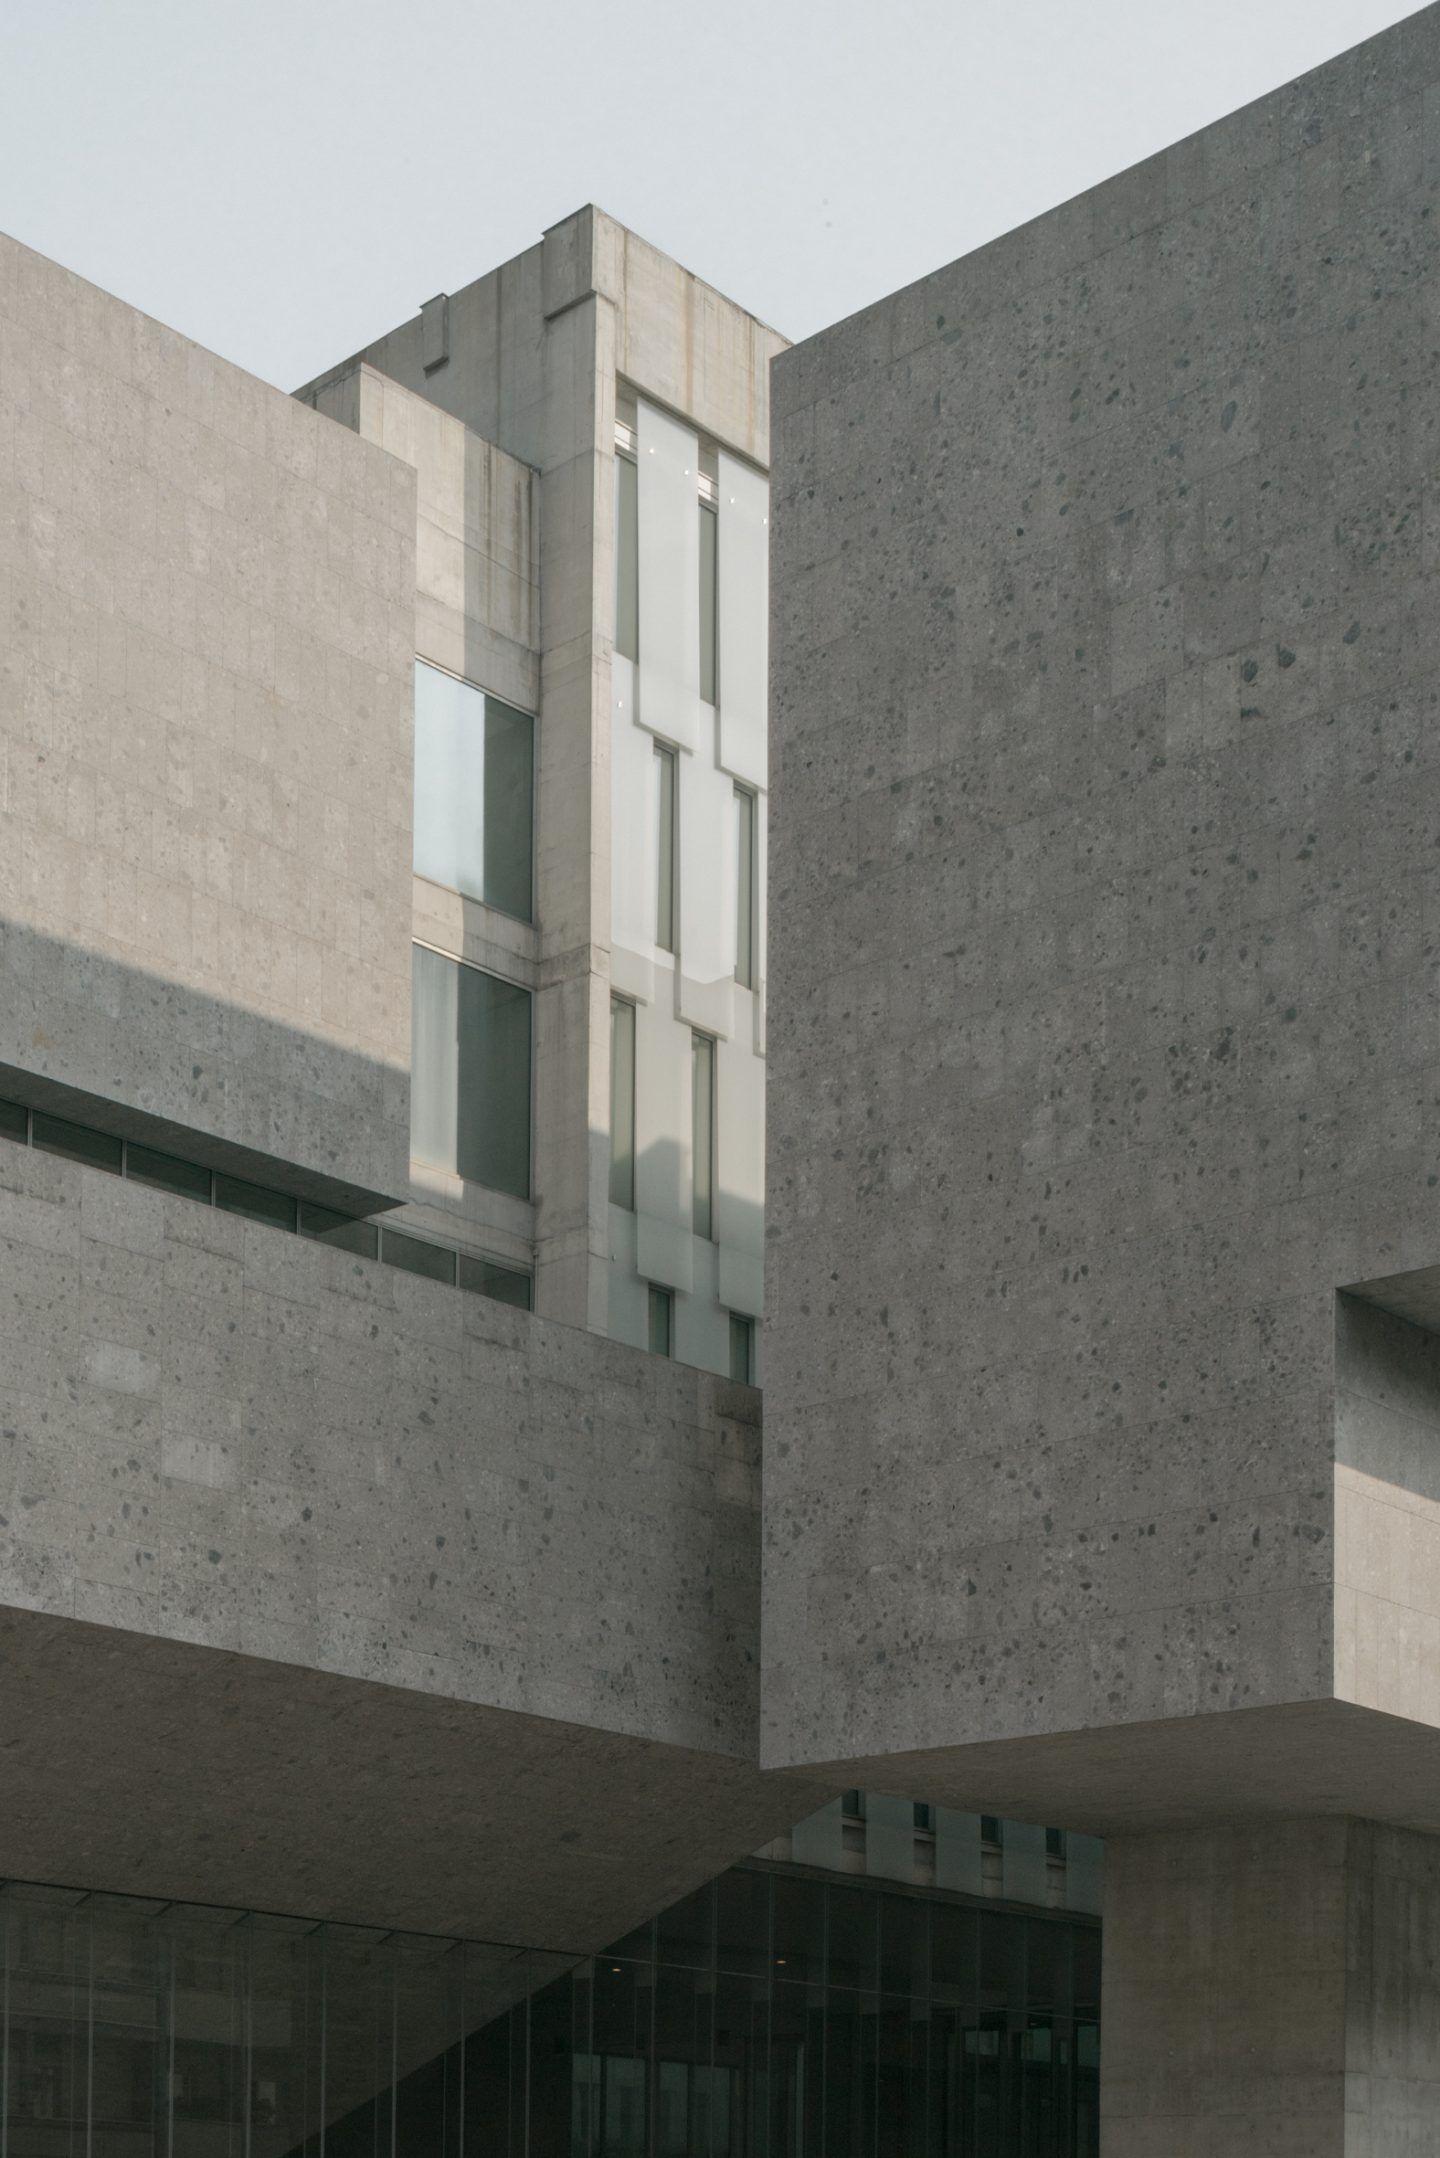 IGNANT-Travel-Lorenzo-Zandri-Grafton-Bocconi-University-03